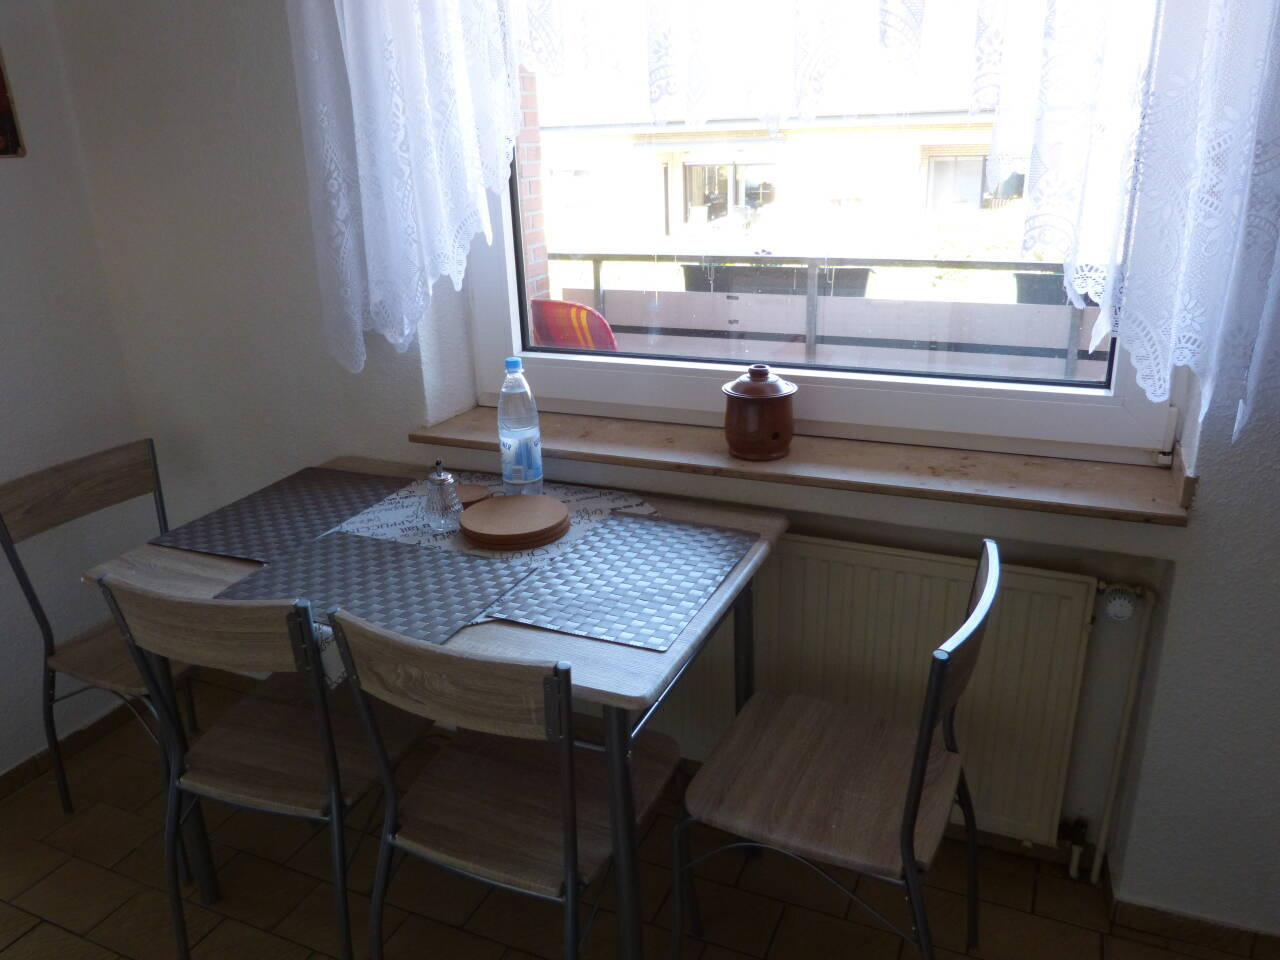 In der Küche ist ein kleiner Tisch zum Frühstücken mit Blick auf Balkon und Garten vorhanden.